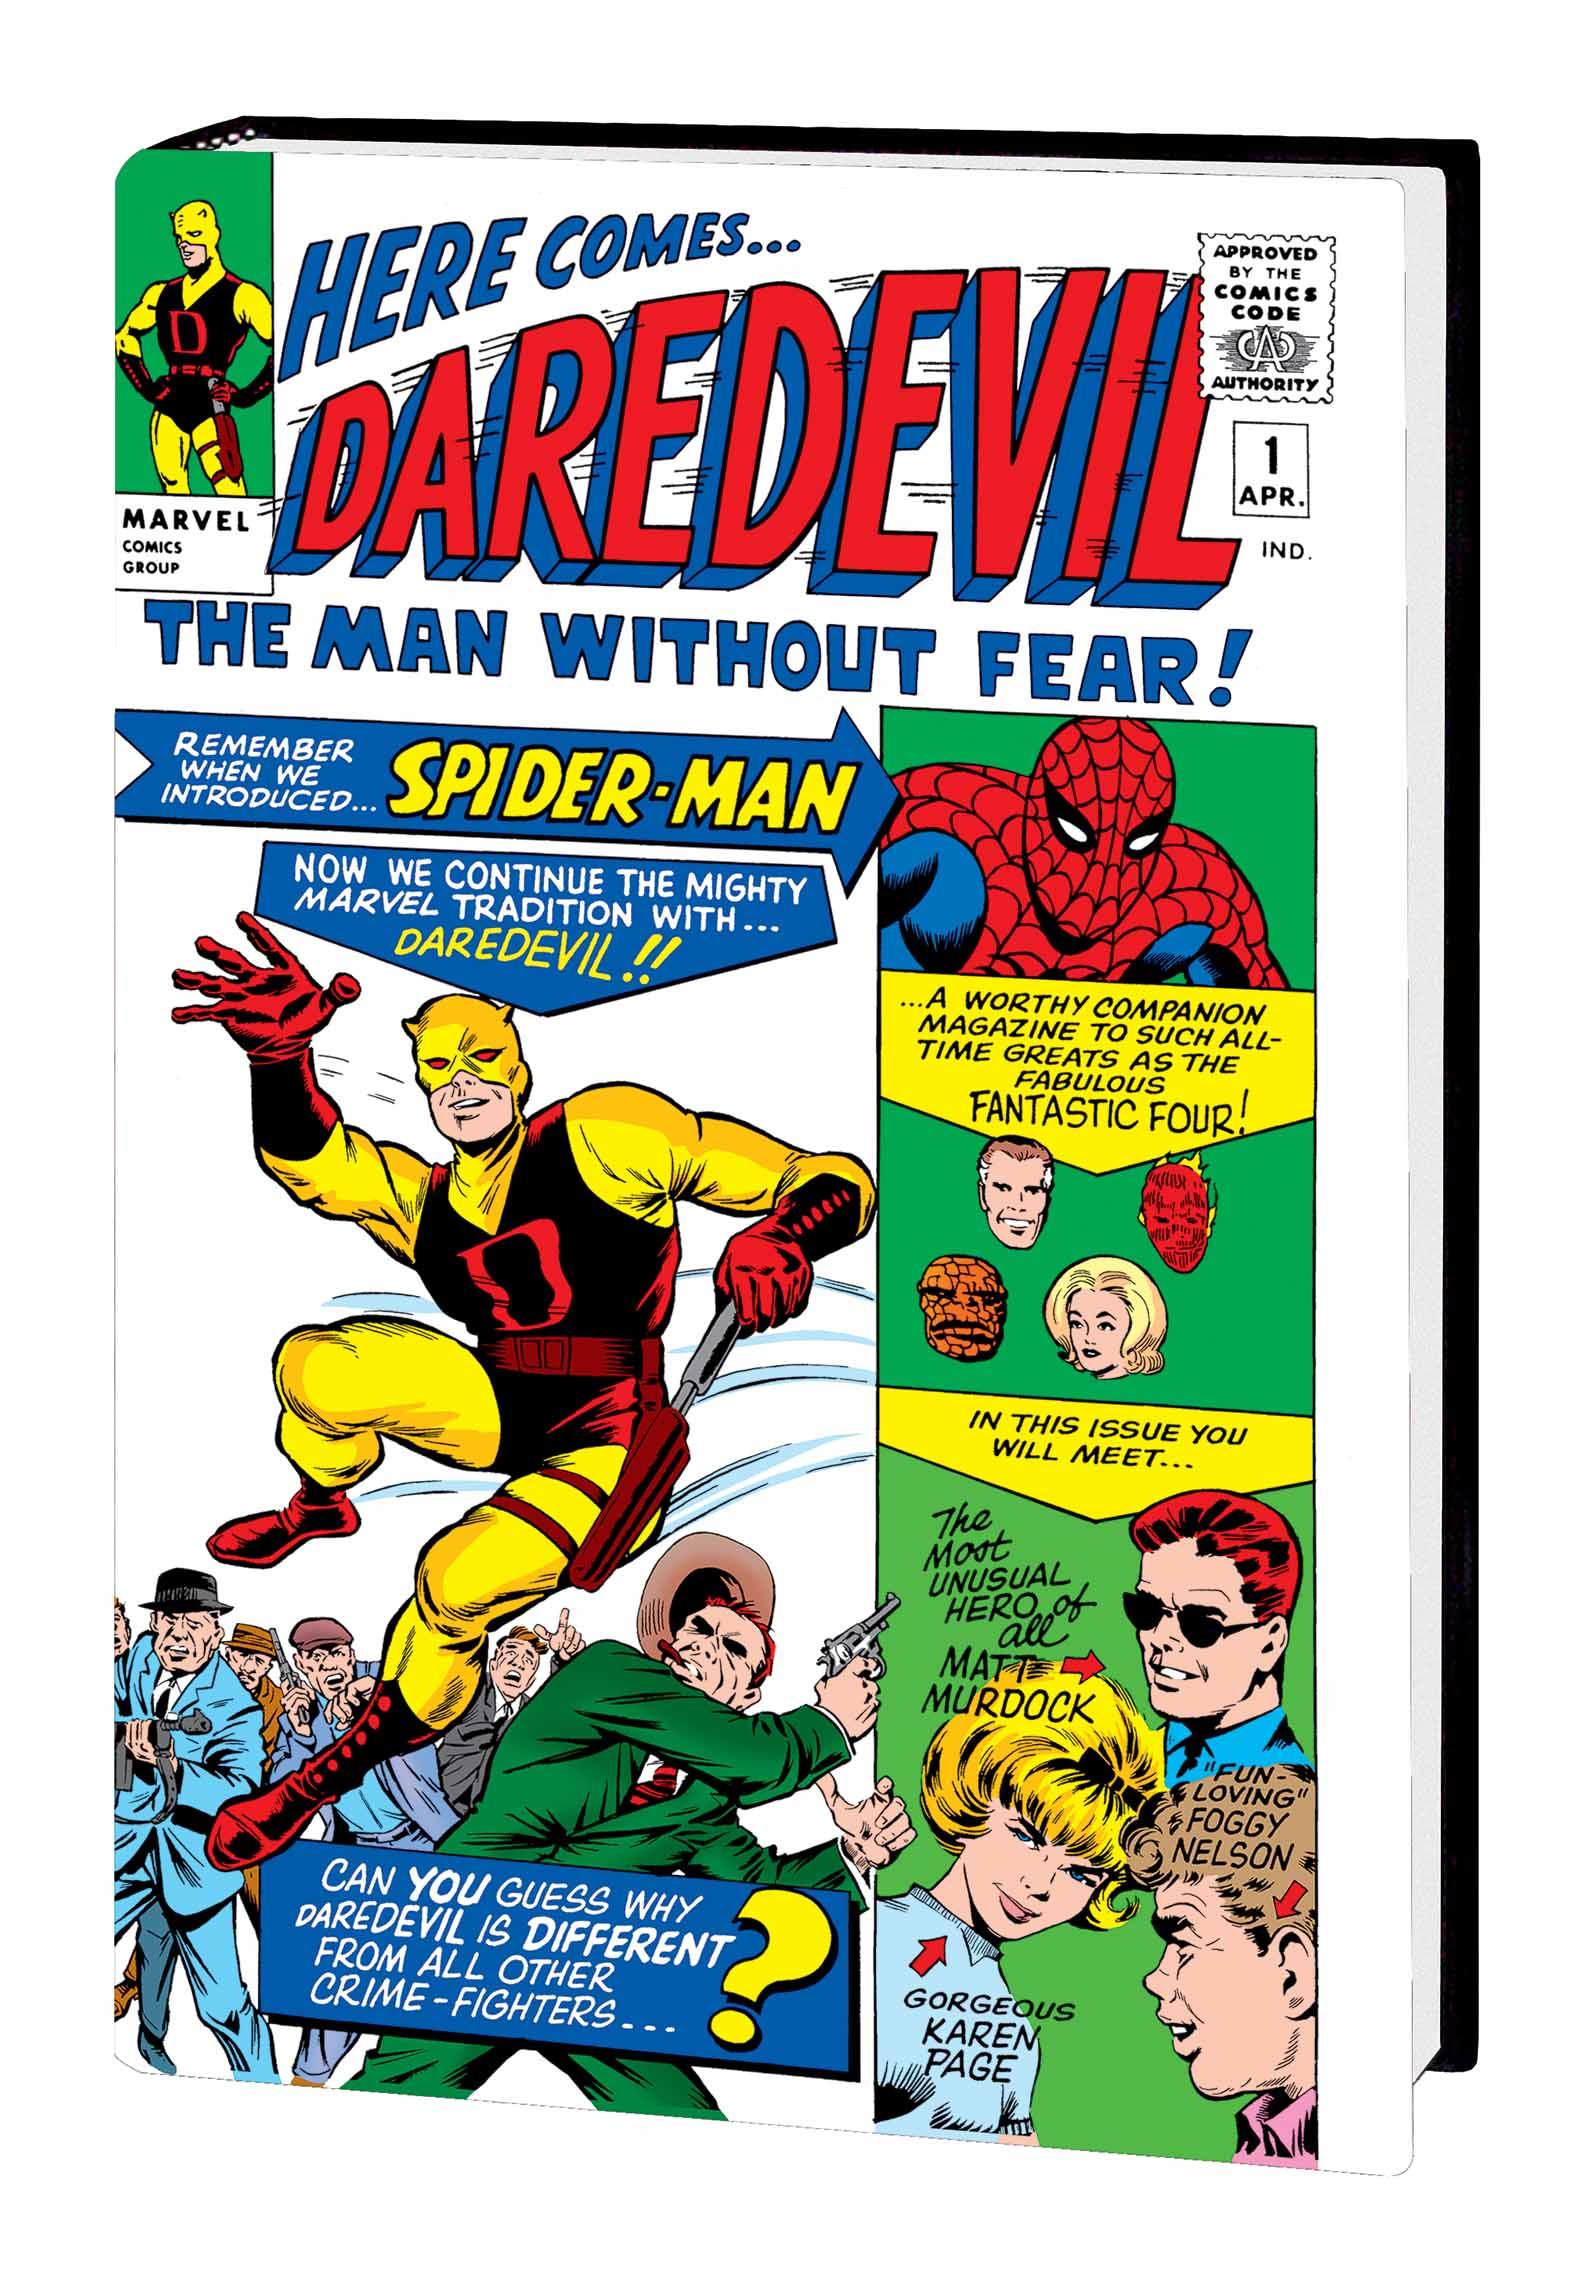 Daredevil Omnibus Vol. 1 Kirby Cover (Hardcover)